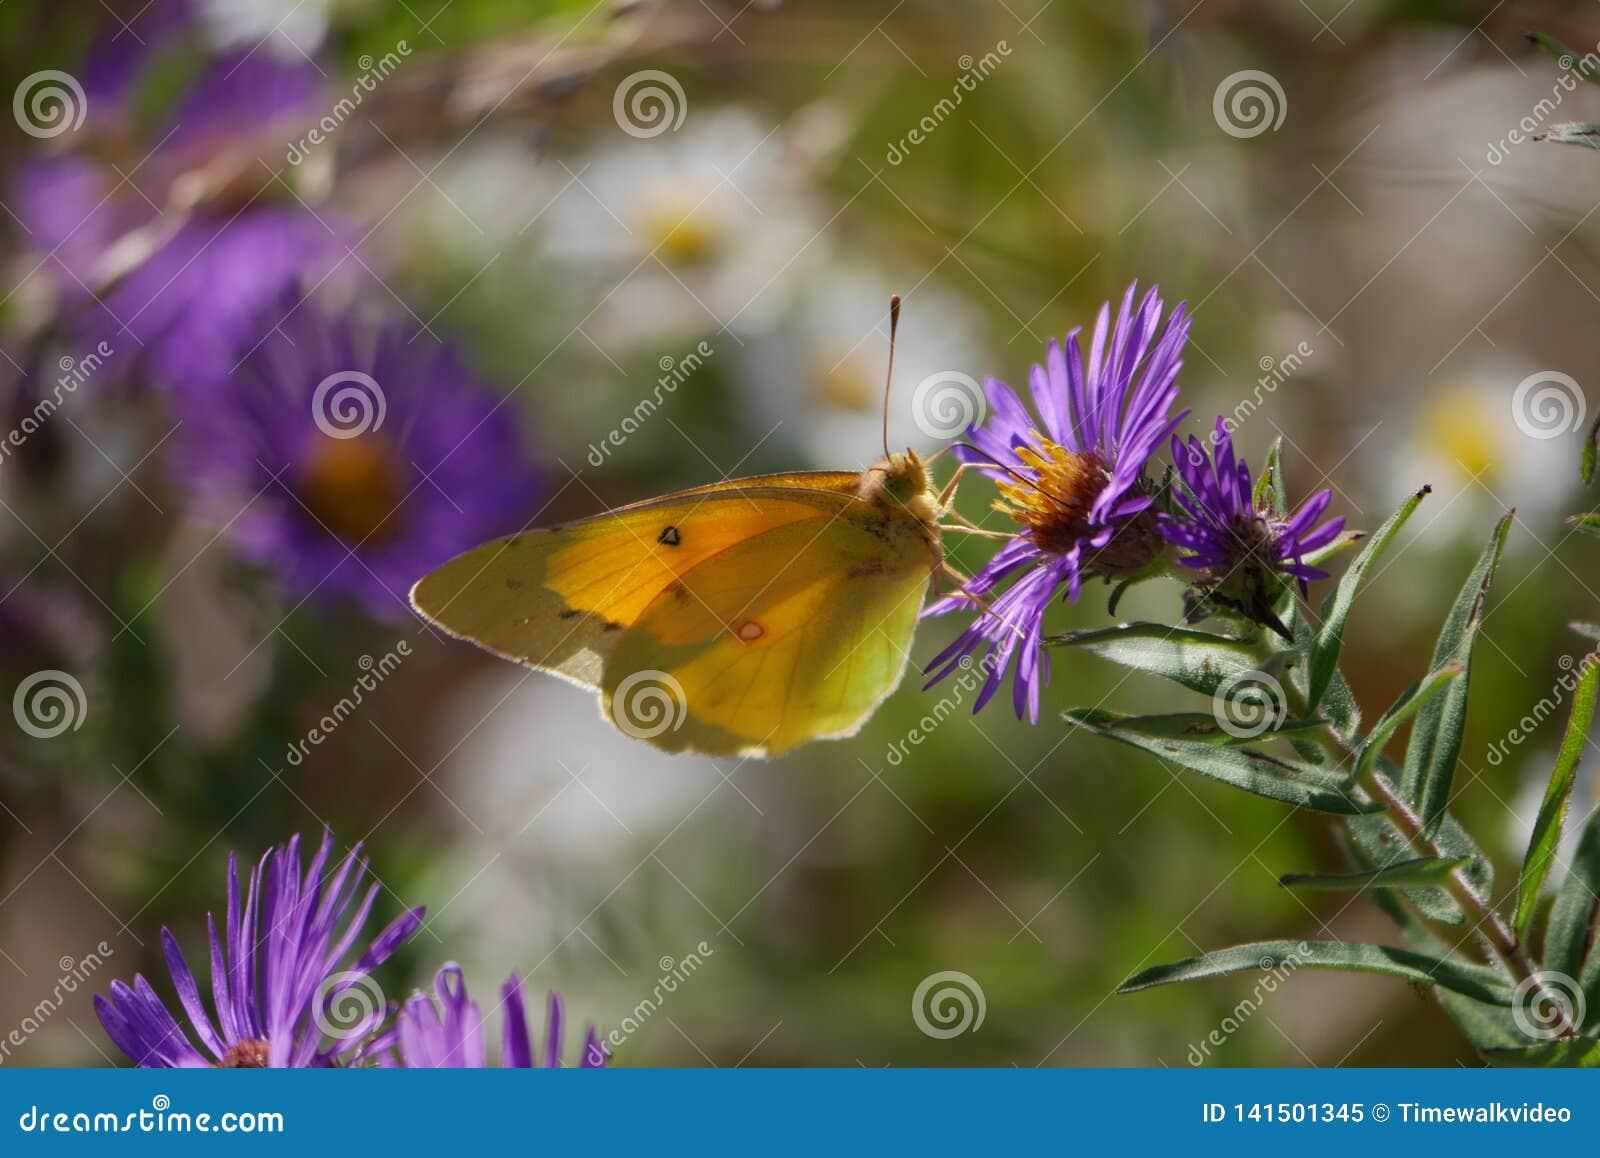 Nahaufnahme des hübschen gelben Schmetterlinges auf purpurrotem Wildflower